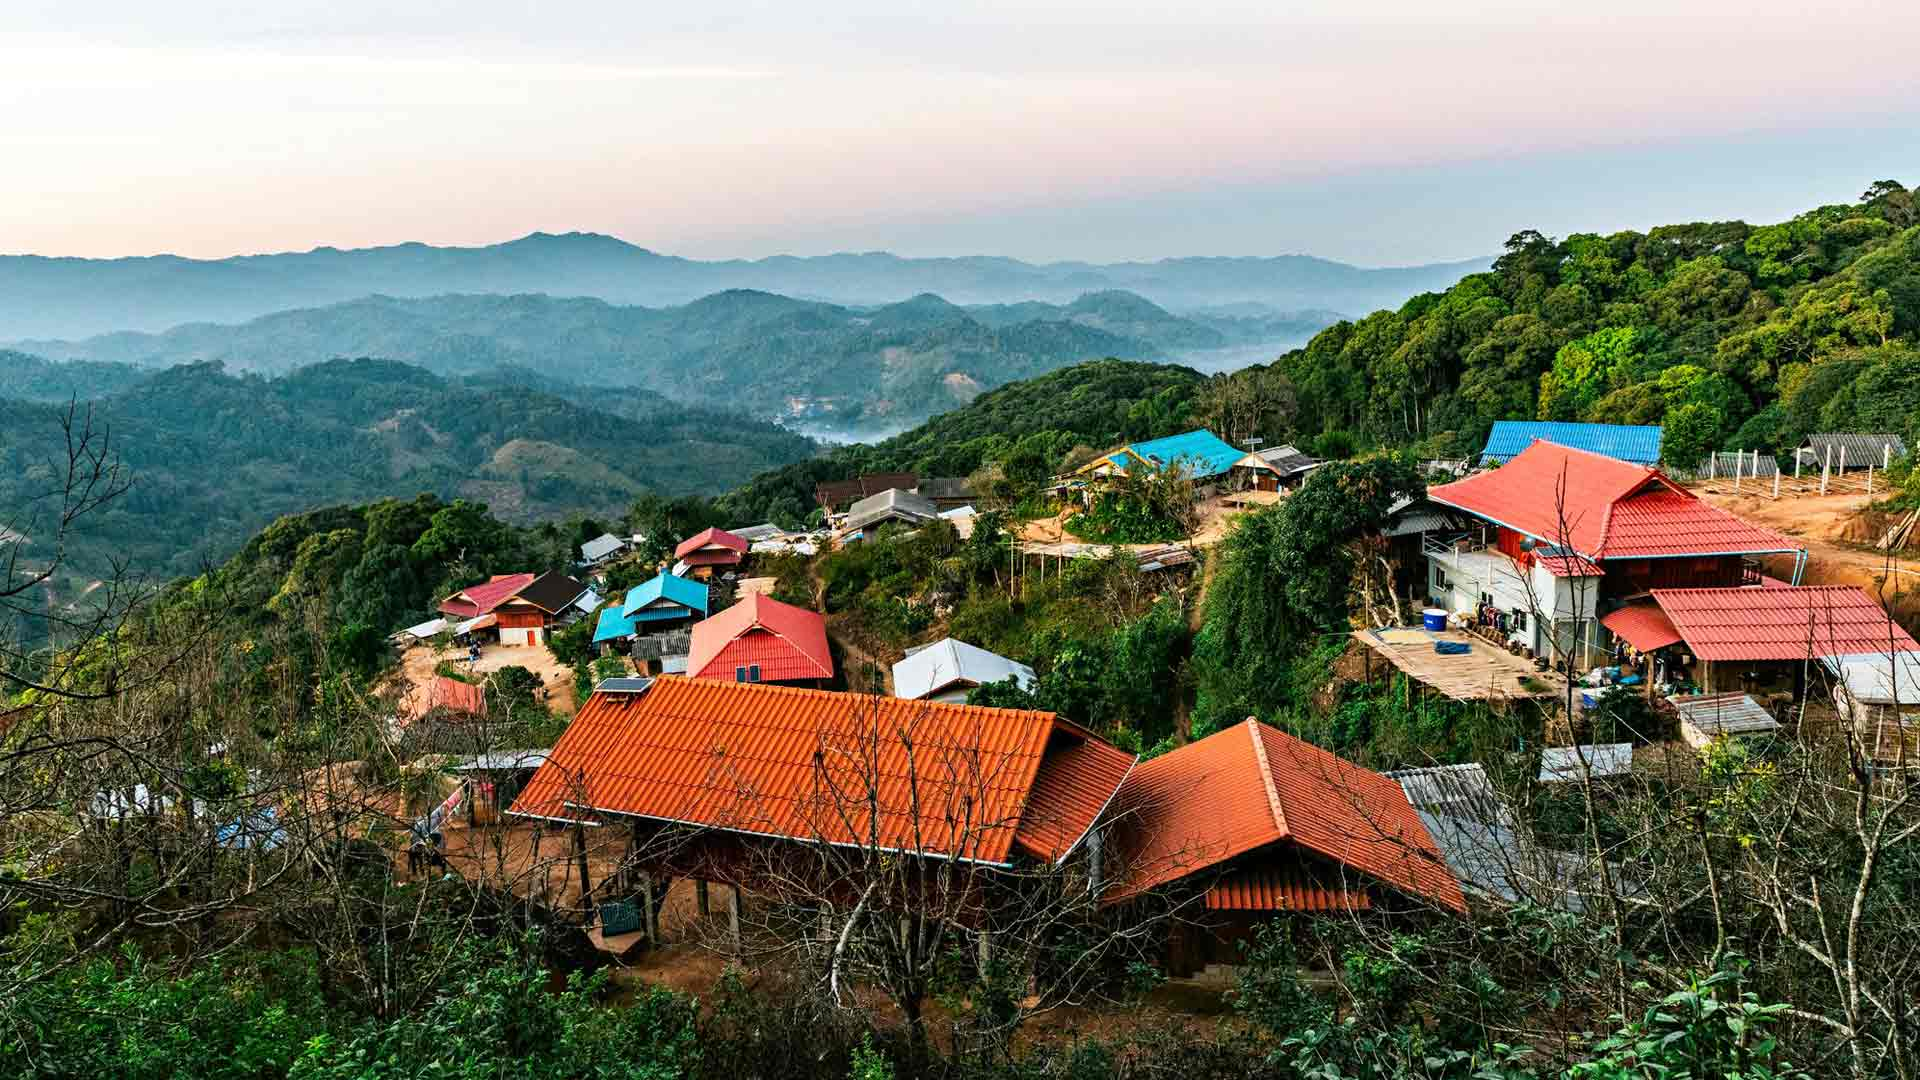 Thaimaan naimakaupat houkuttelevat, samoin tällaiset maisemat saavat länsimaalaiset pistämään säästöjään epävarmoihin sijoituksiin Thaimaassa.